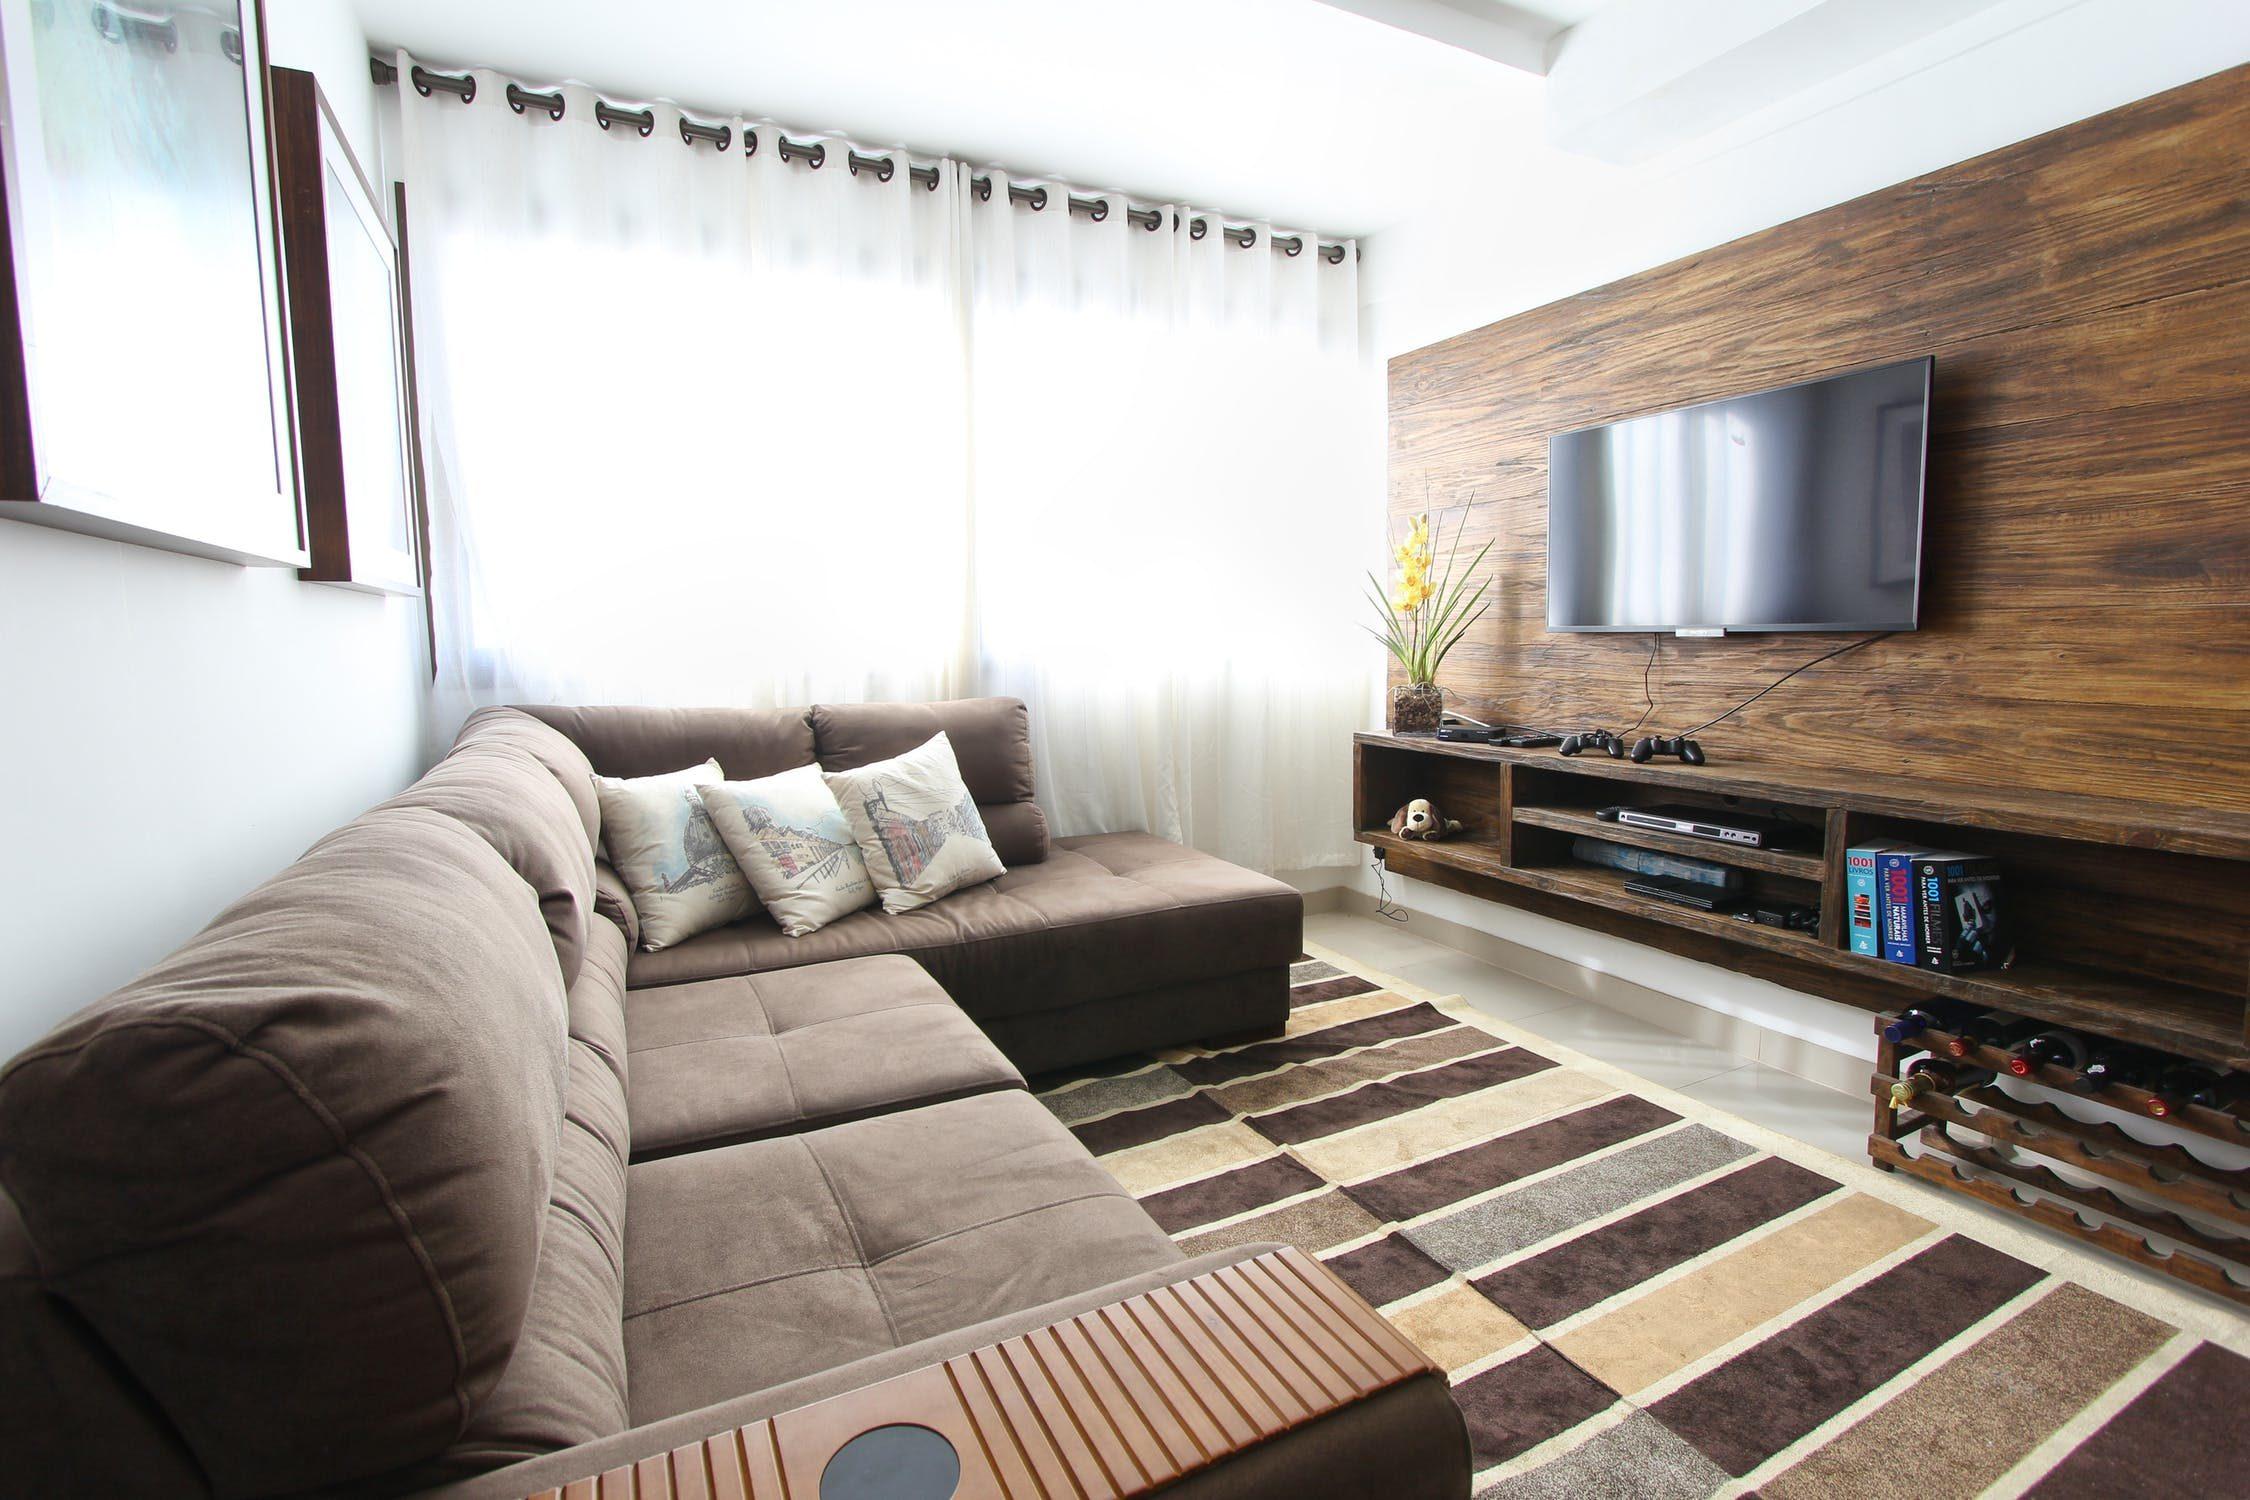 Czym kierować się podczas wyboru uchwytu do telewizora?